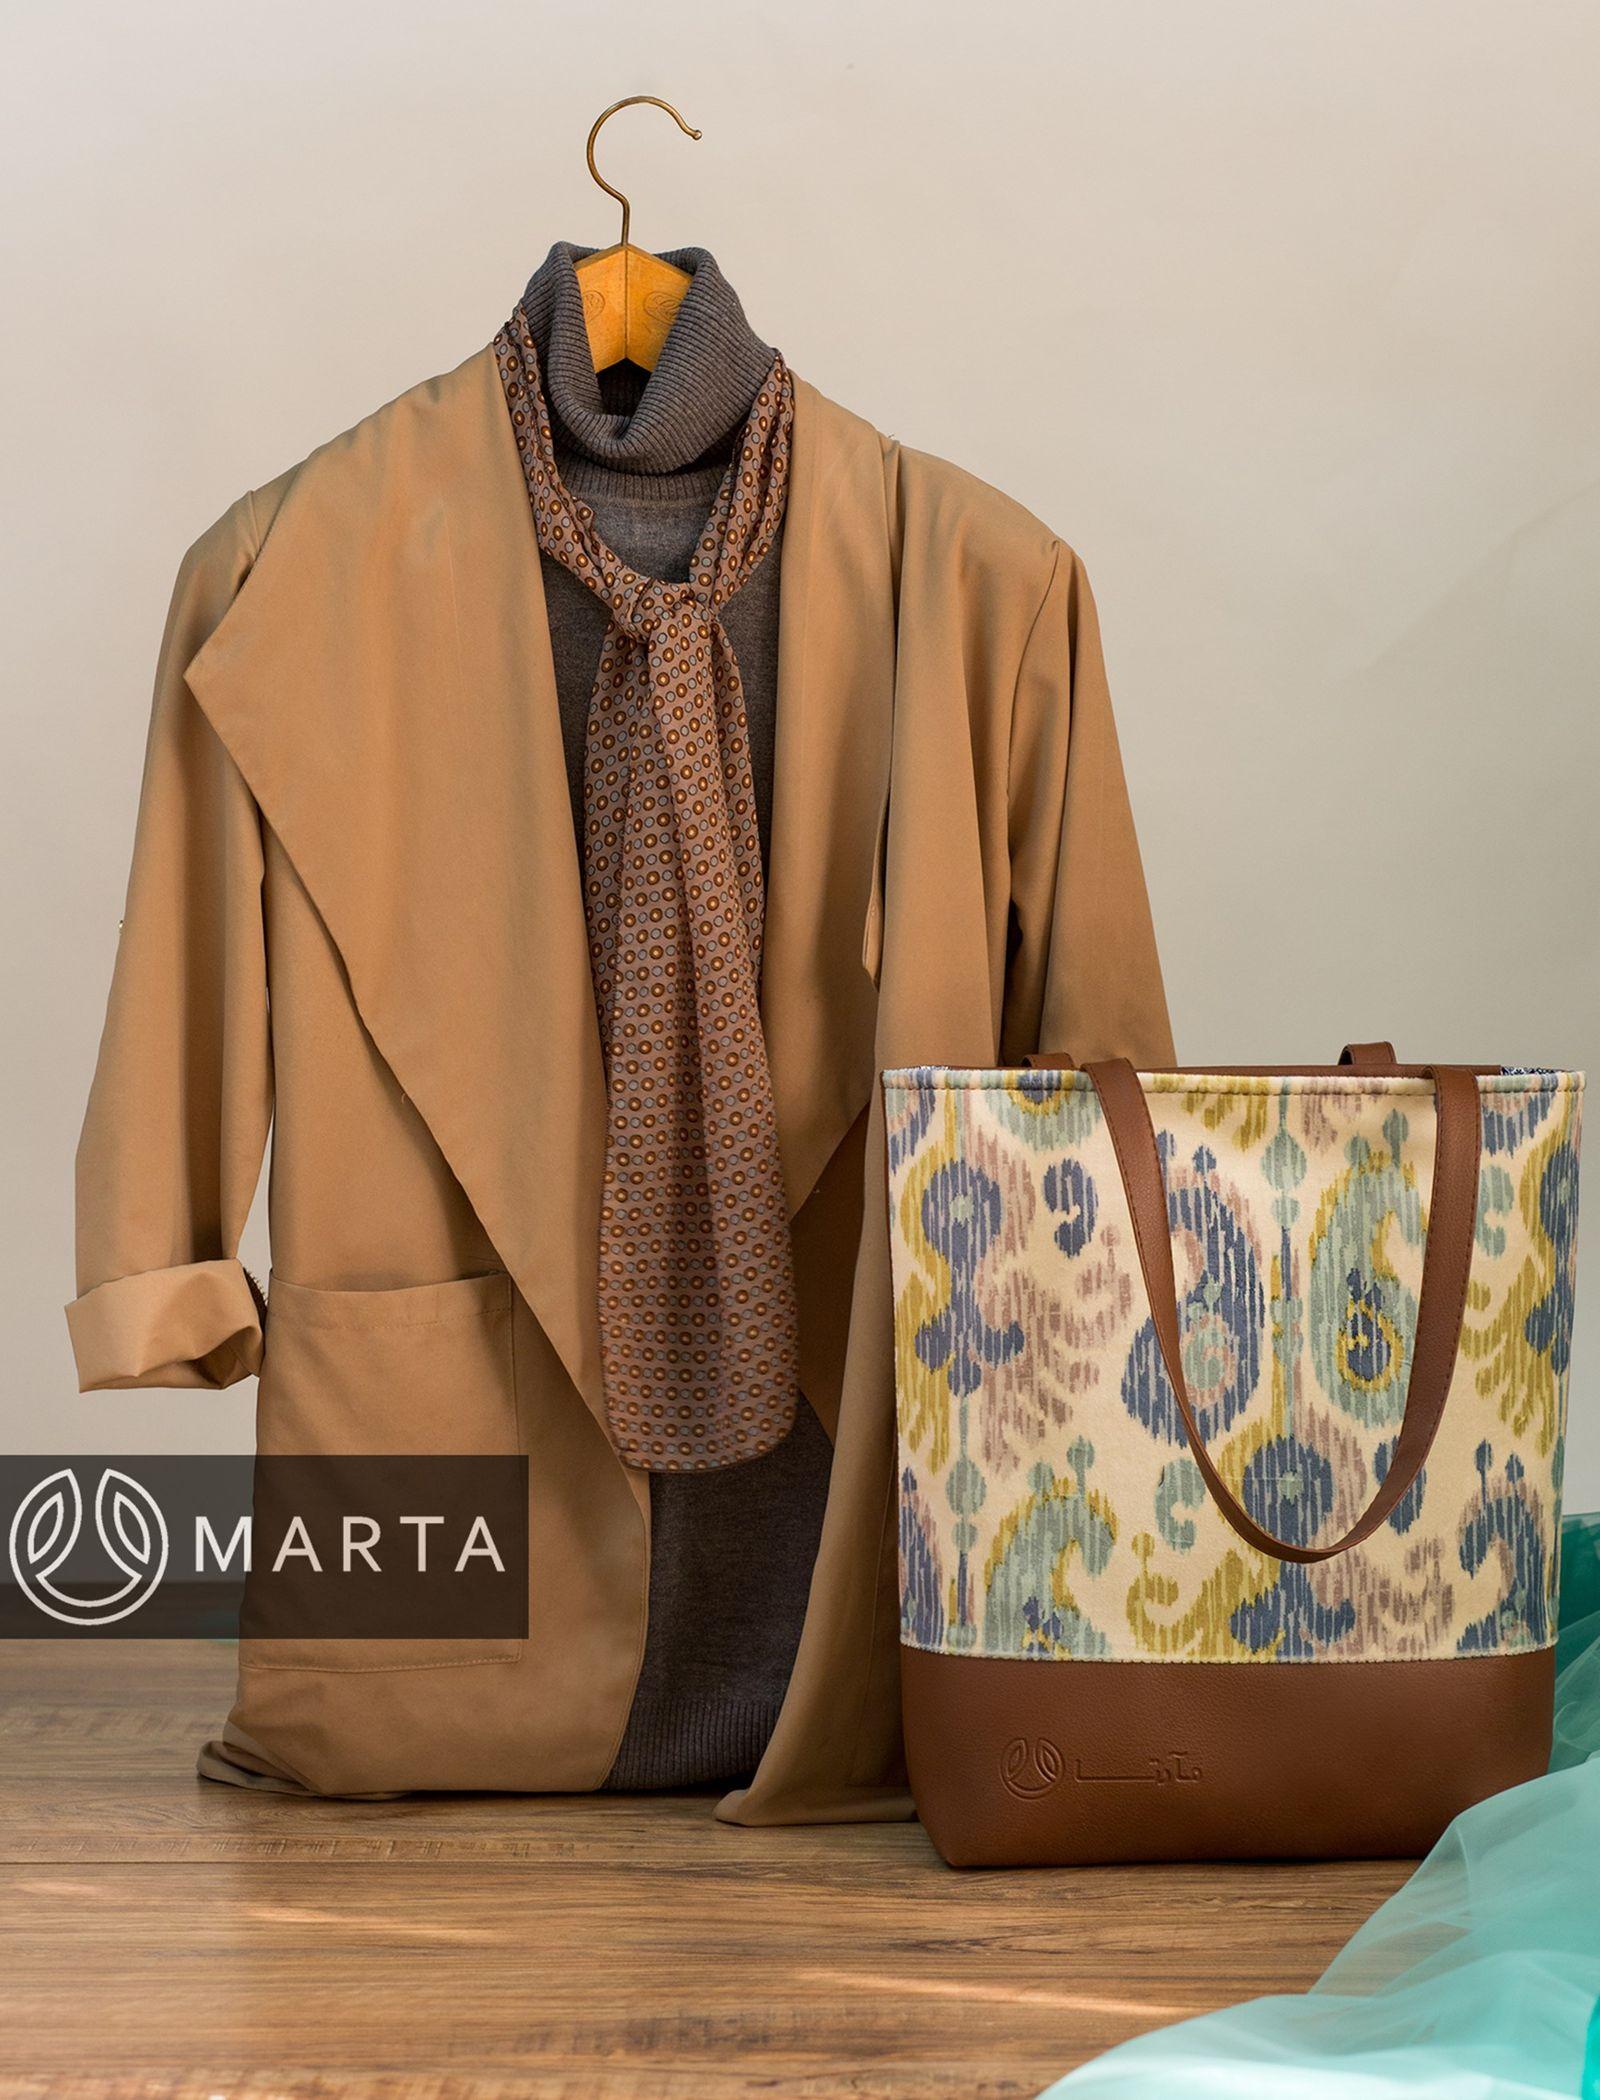 کیف دوشی روزمره زنانه - مارتا - قهوه اي - 7